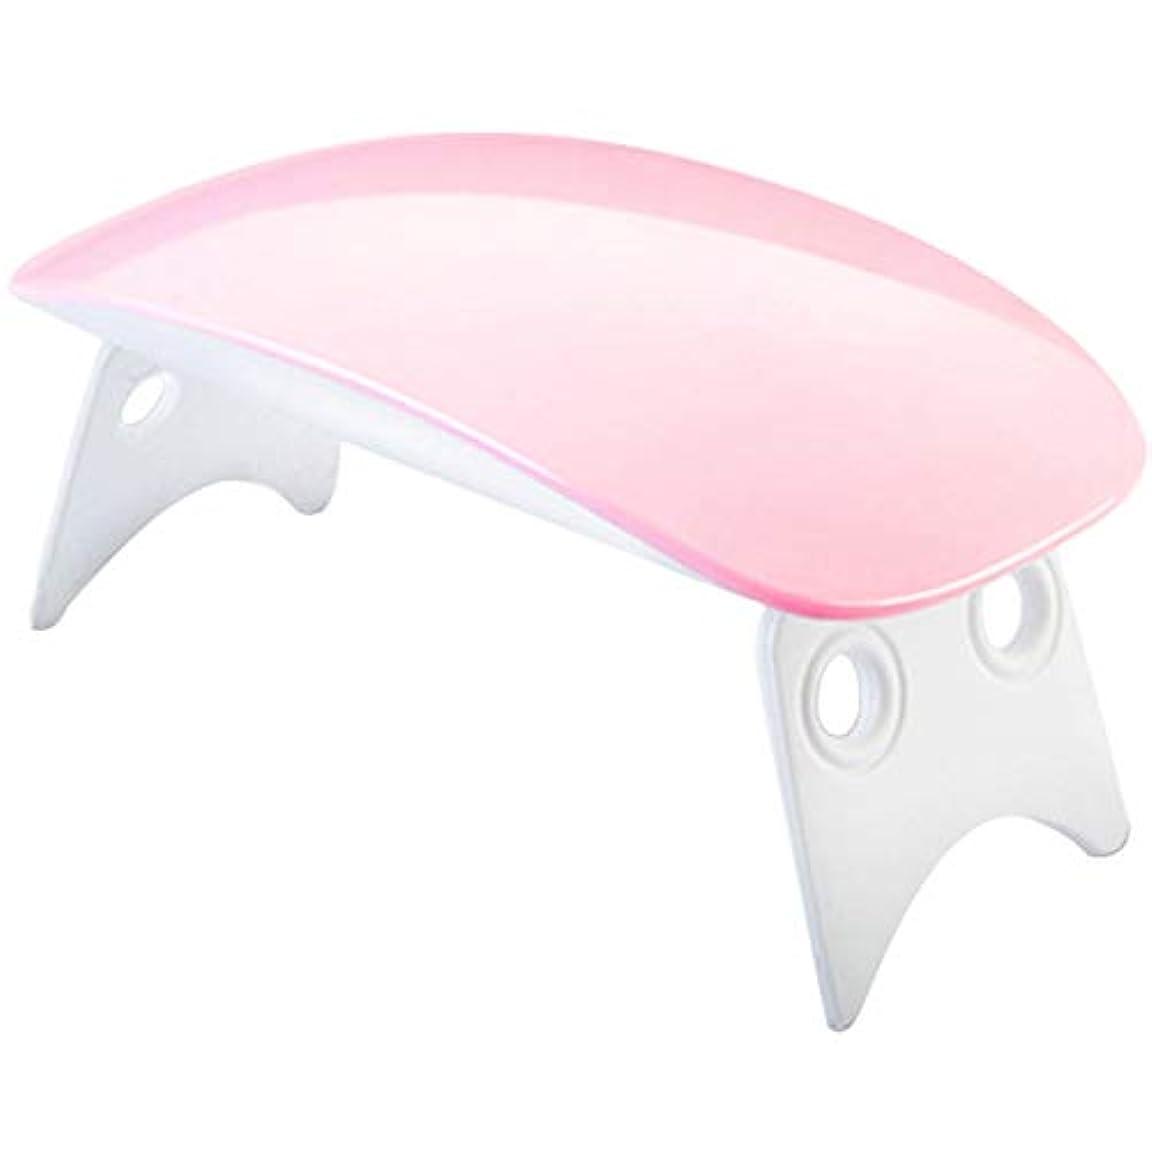 不可能な絶滅相手USBケーブル付きミニポータブル LEDネイルドライヤー ギフト用、家庭用および旅行用のマニキュアジェルドライヤー(01)